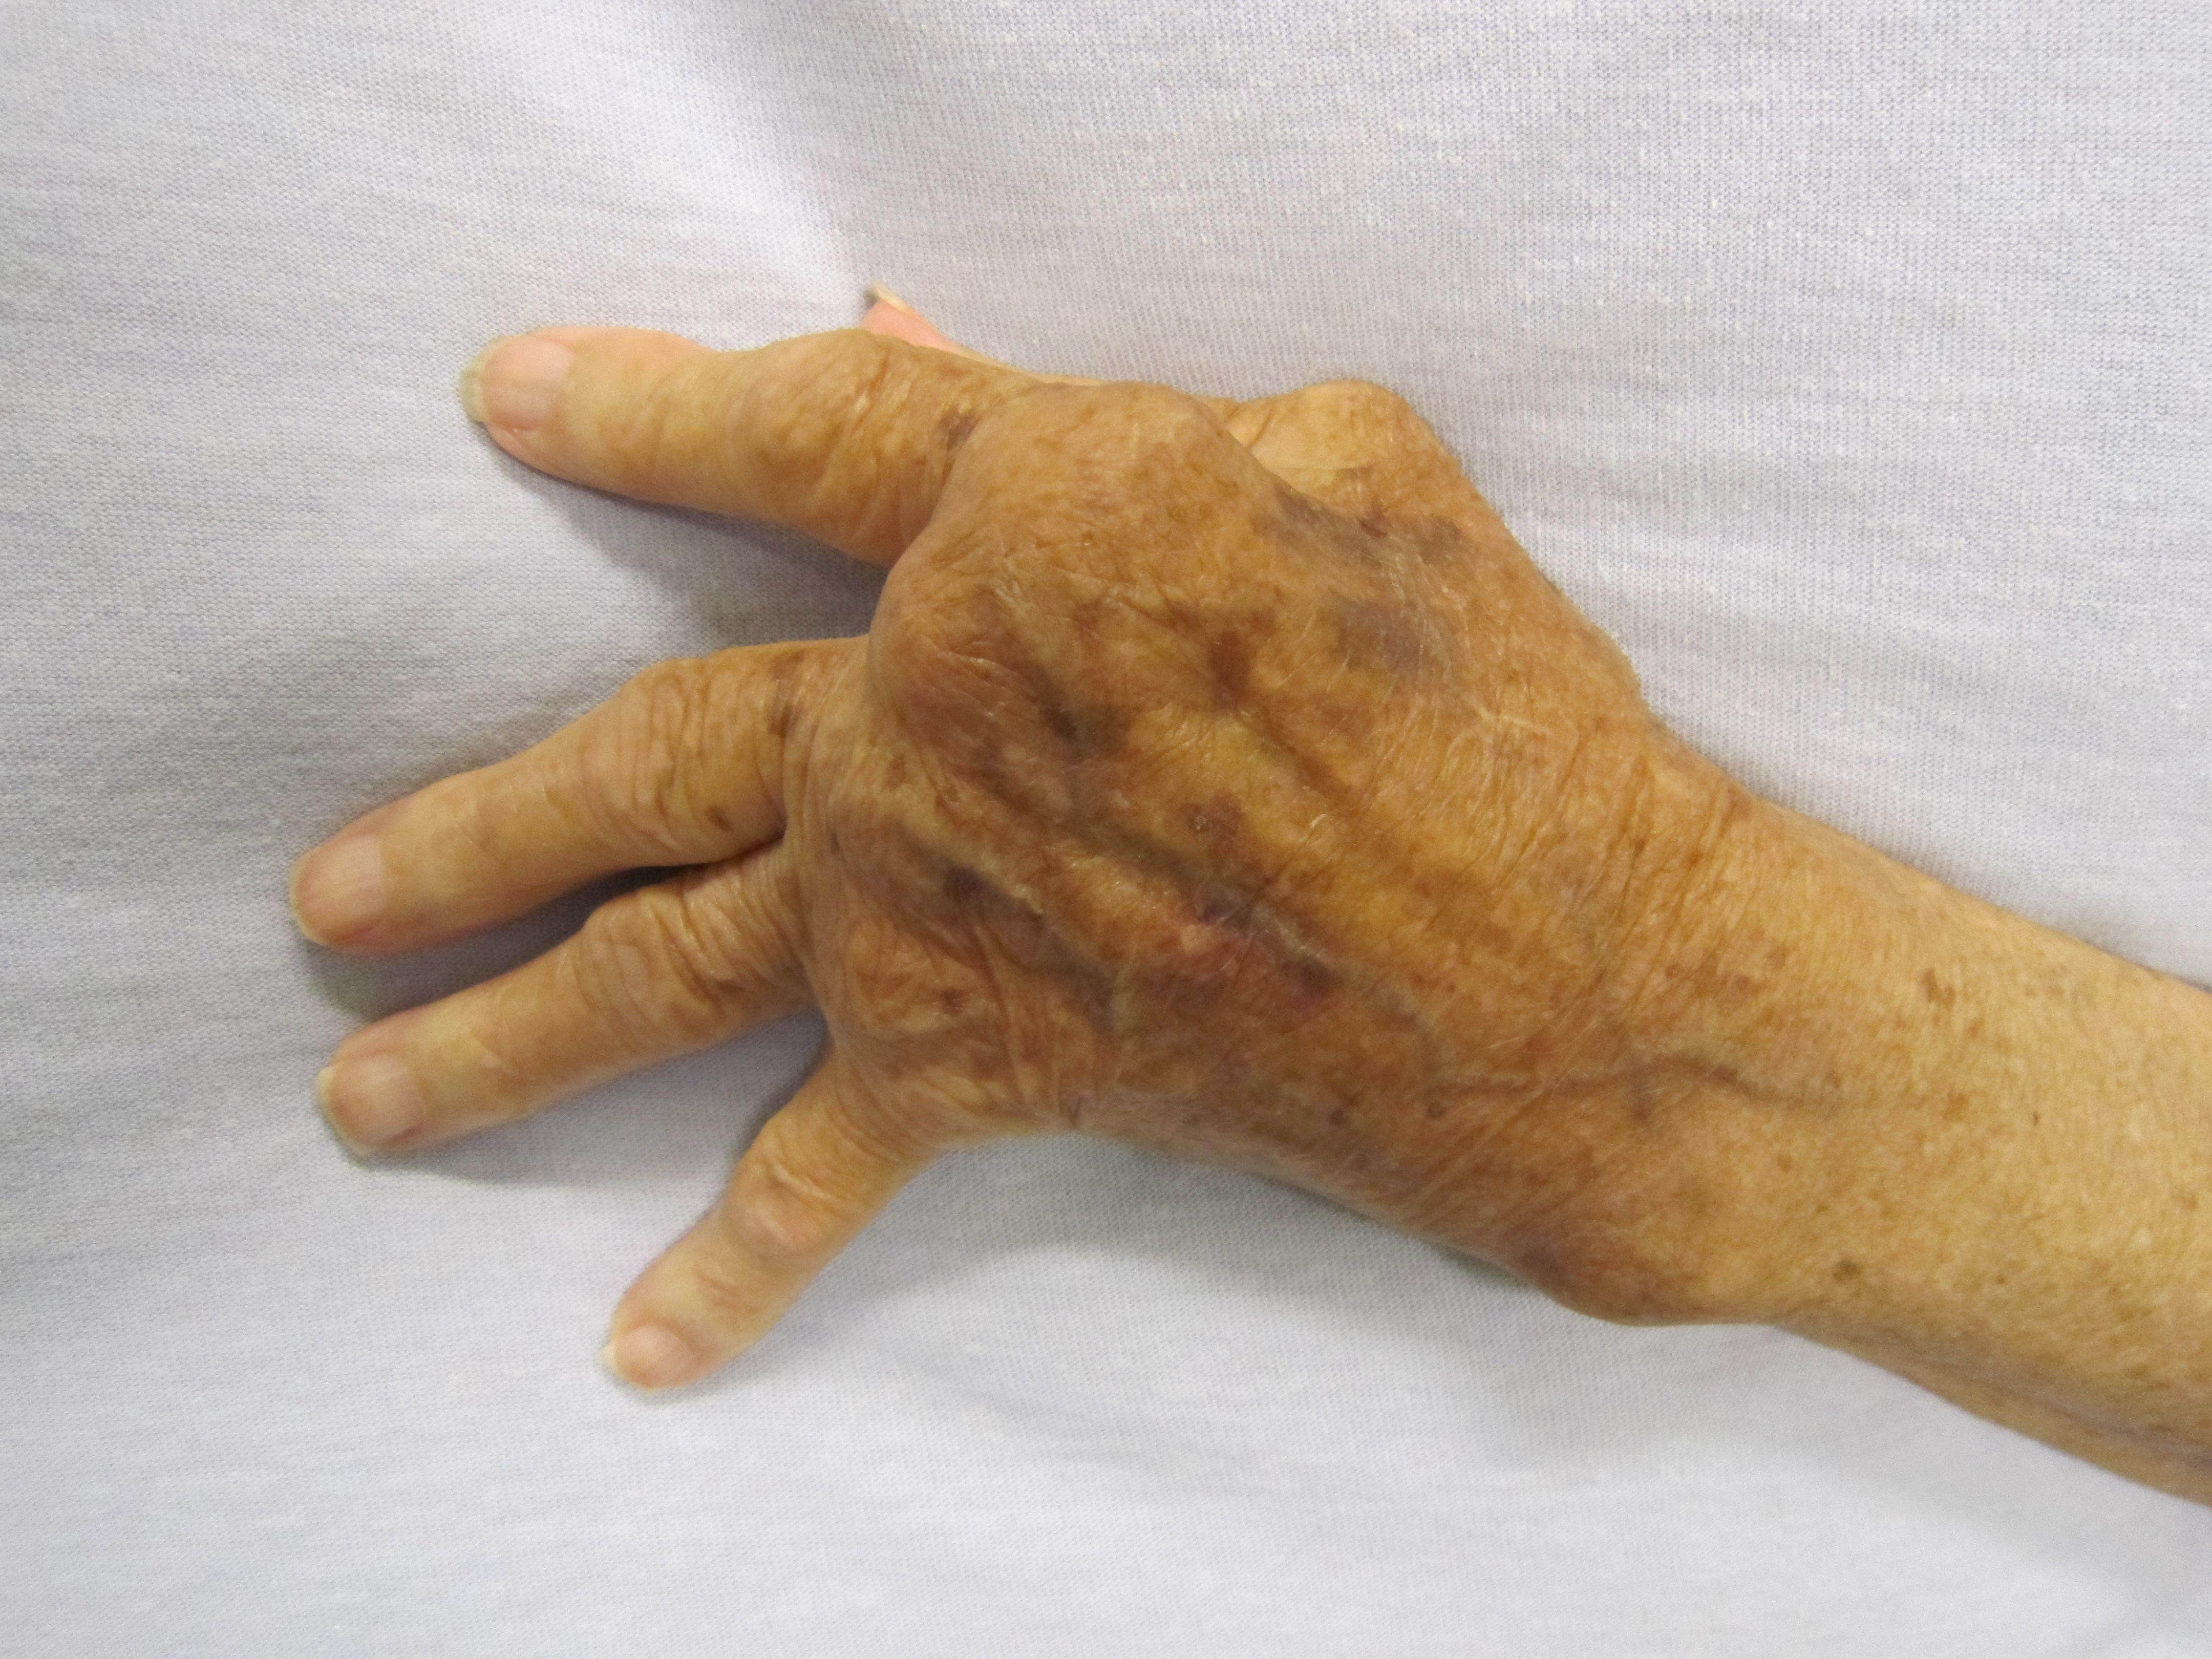 helyreállítani az ízületeket rheumatoid arthritisben